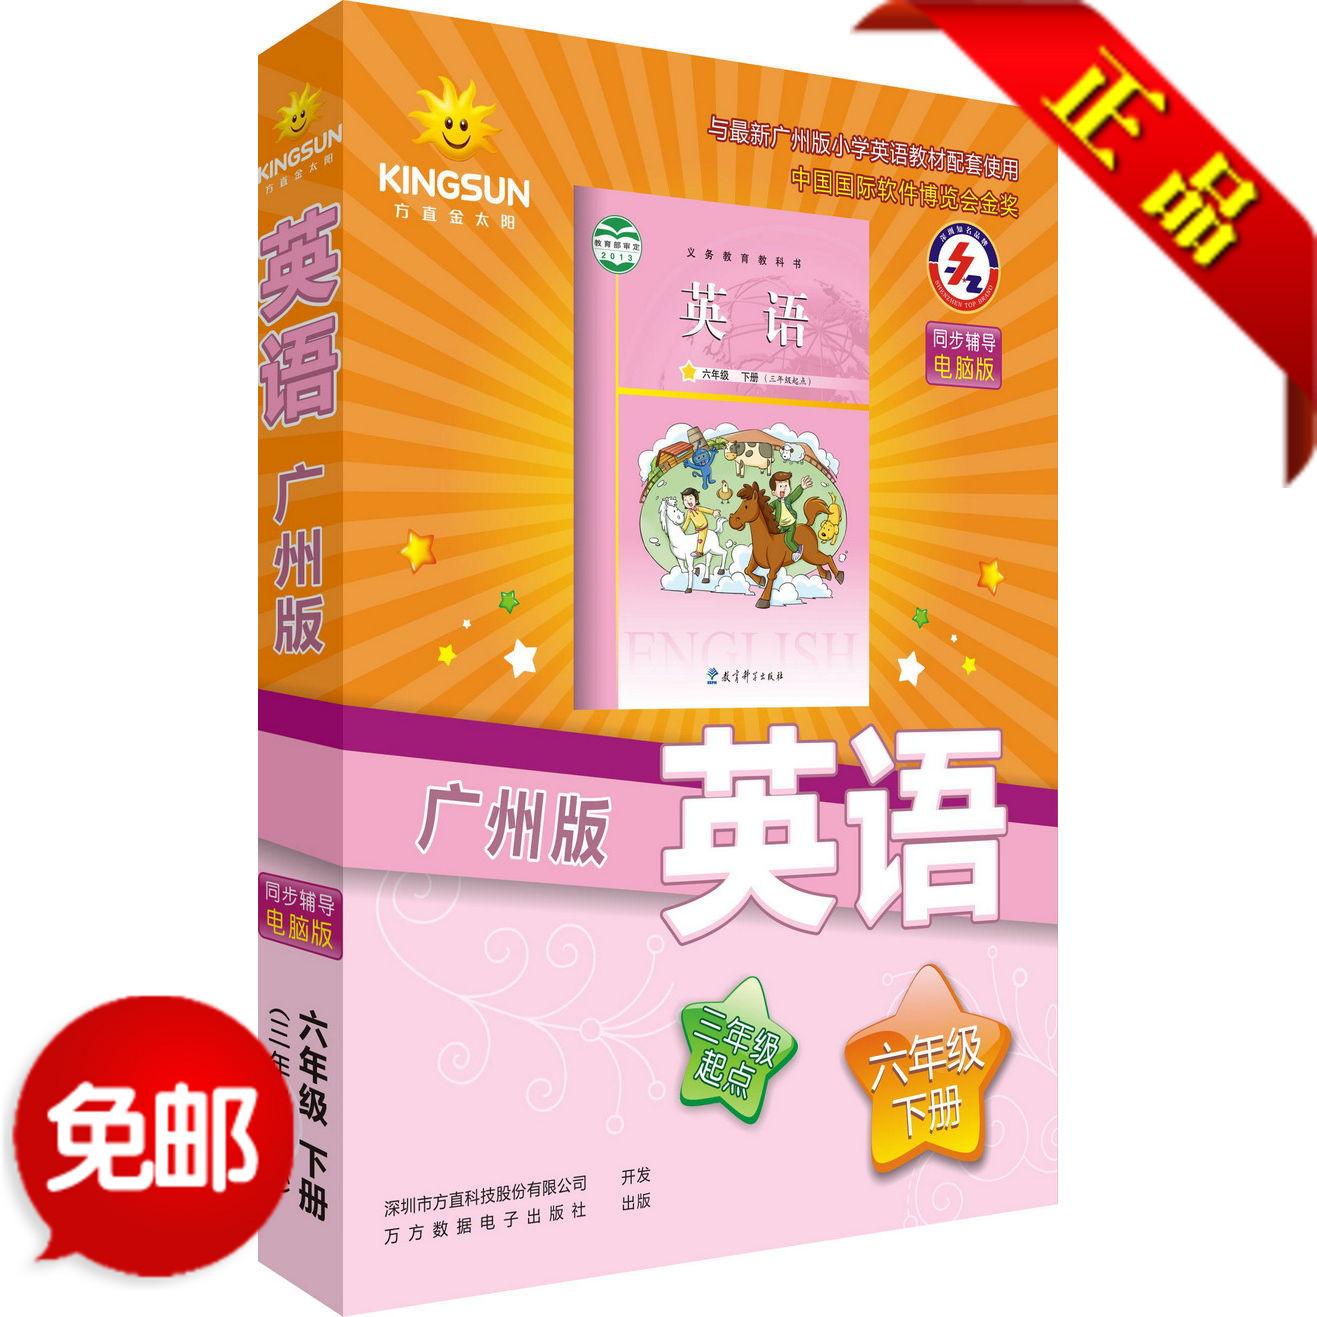 2018金太阳教科版广州版小学英语六年级下册软件电脑版送DVD光盘